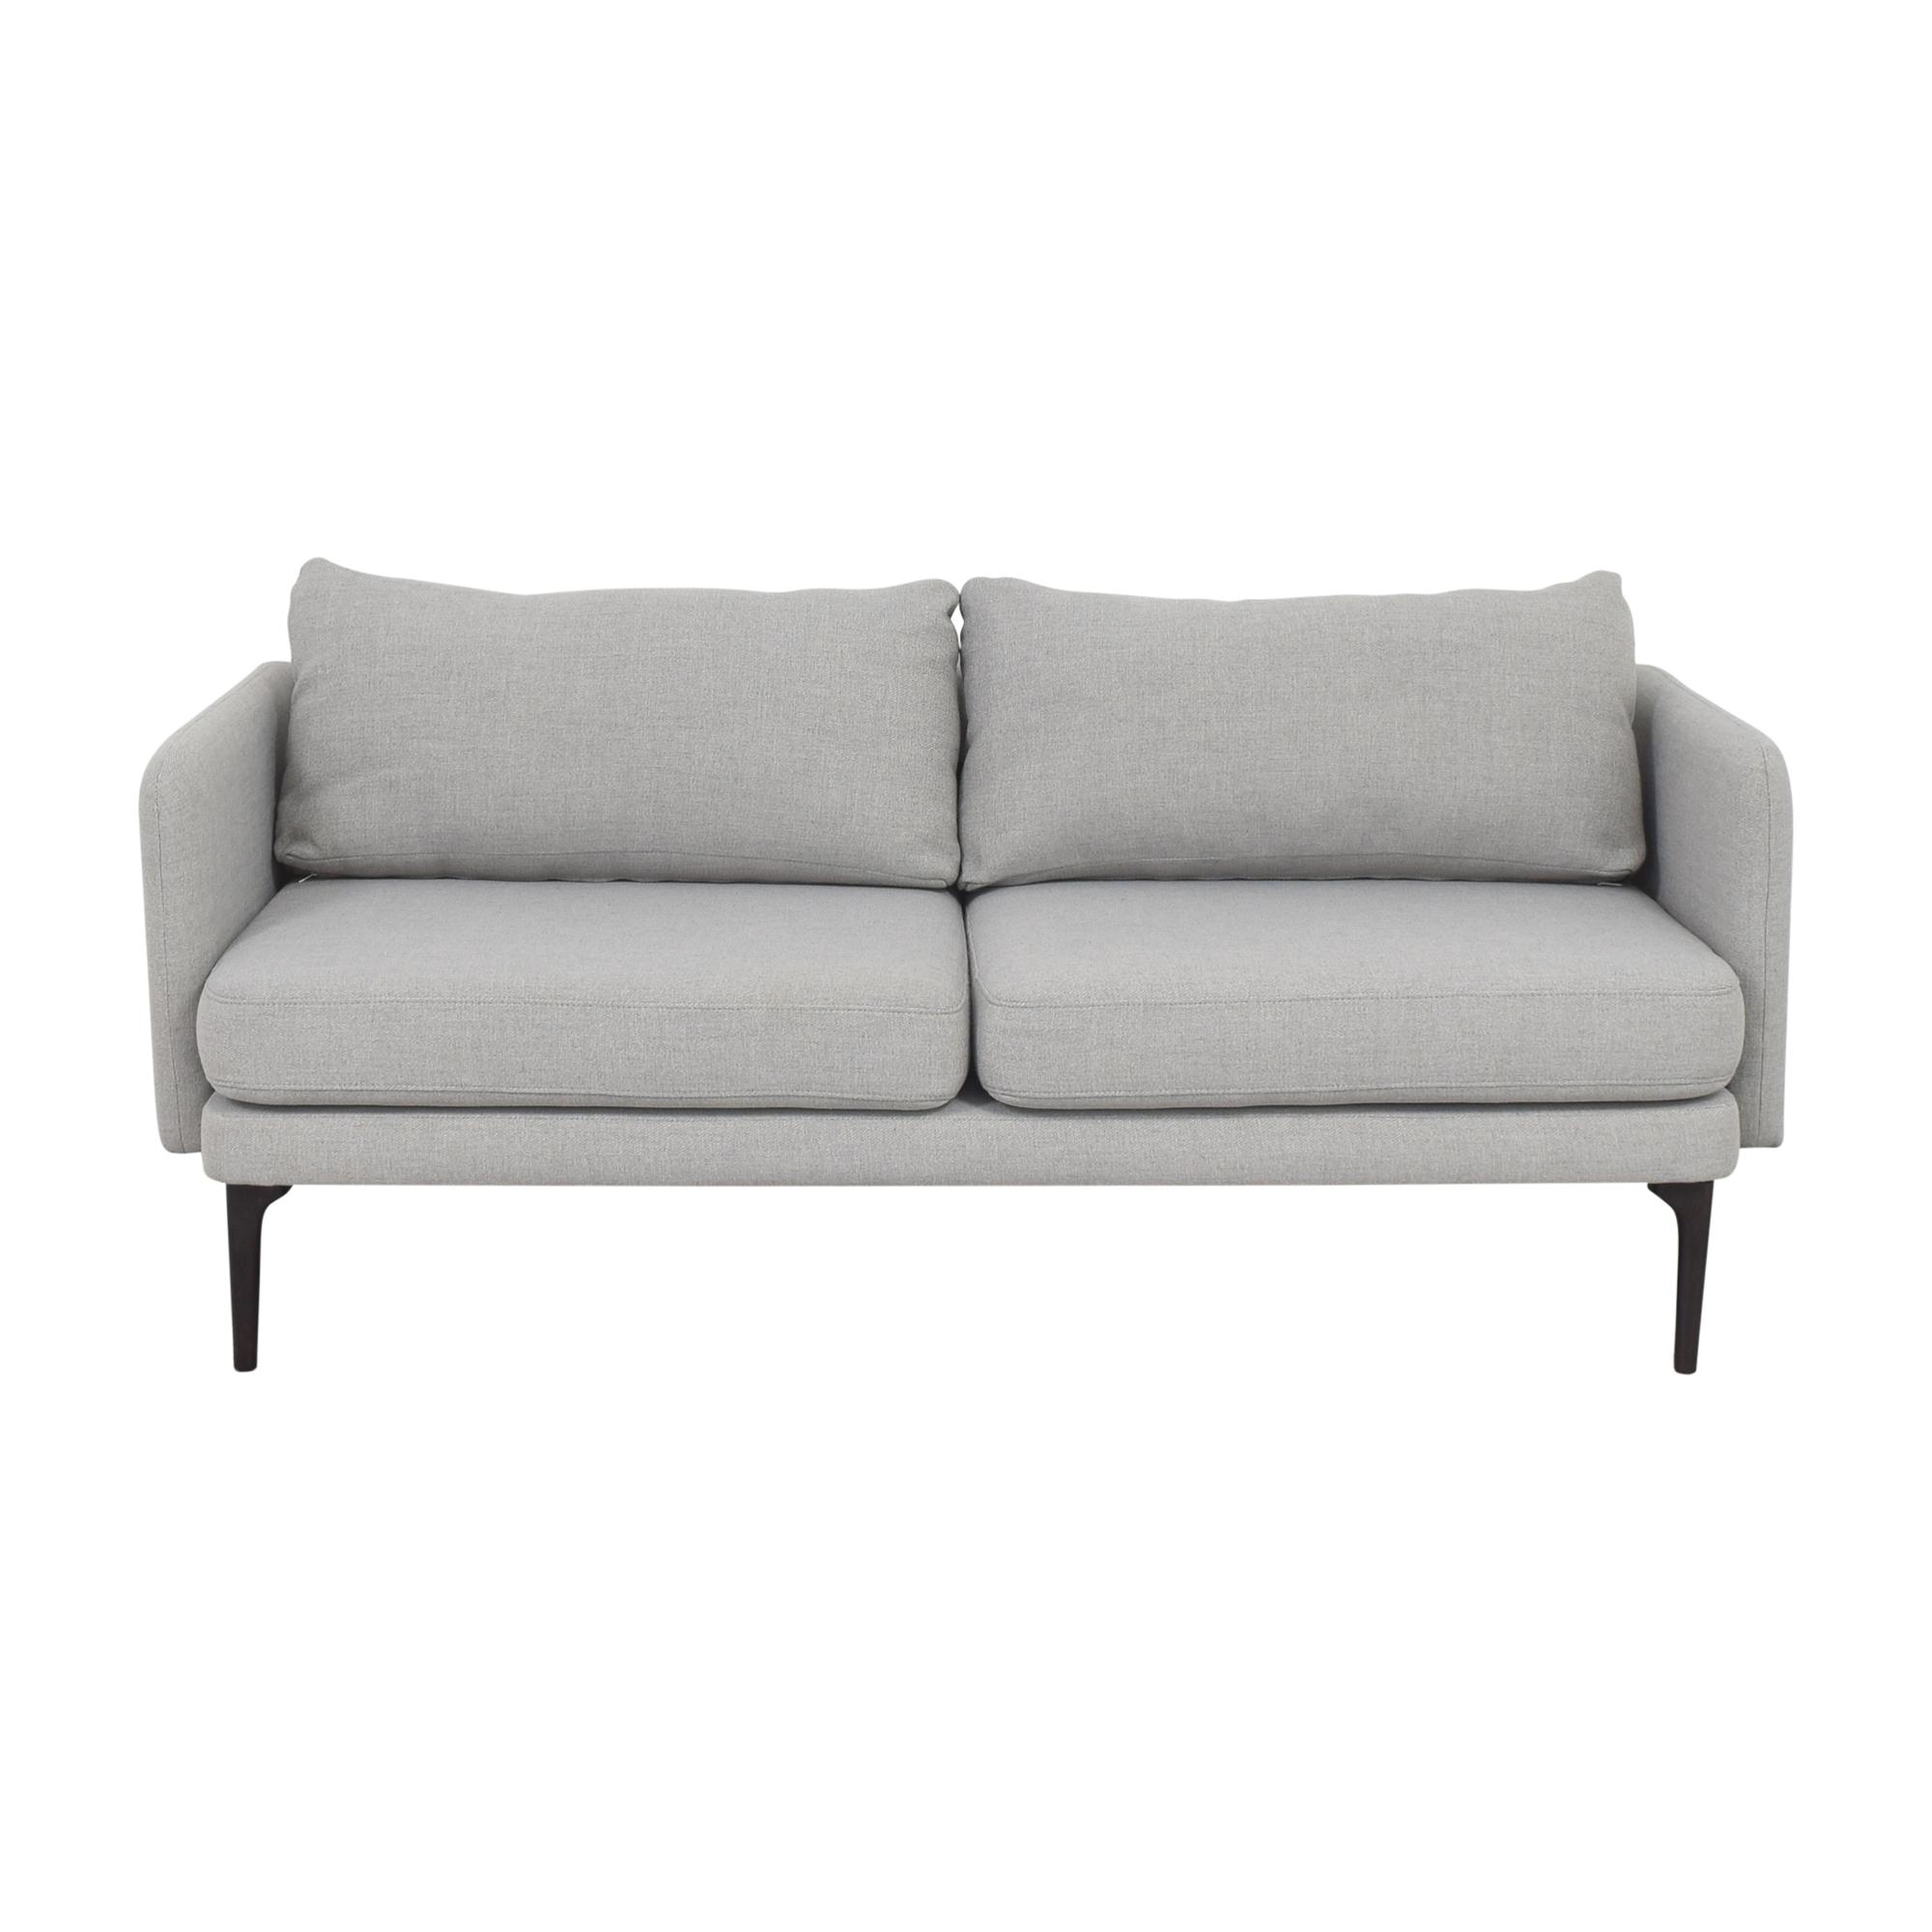 shop West Elm West Elm Modern Two Cushion Sofa online